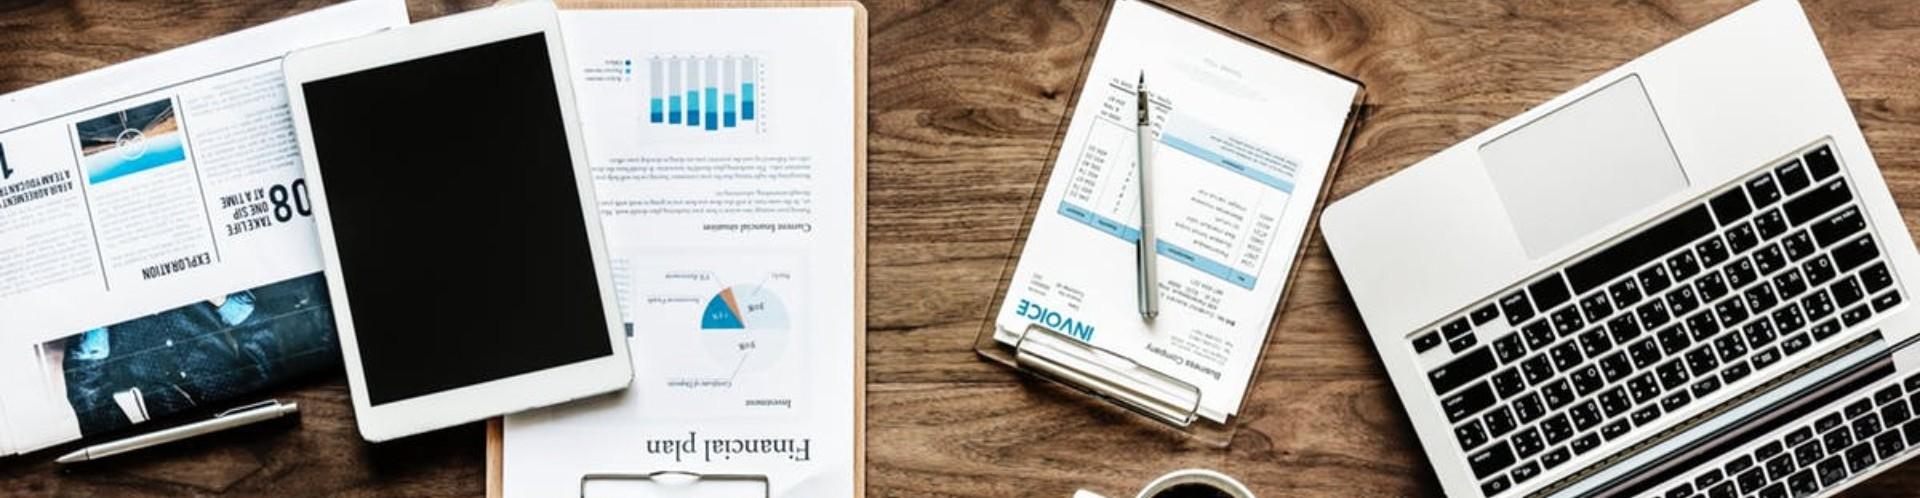 Własna działalność gospodarcza - zakładanie firmy krok po kroku